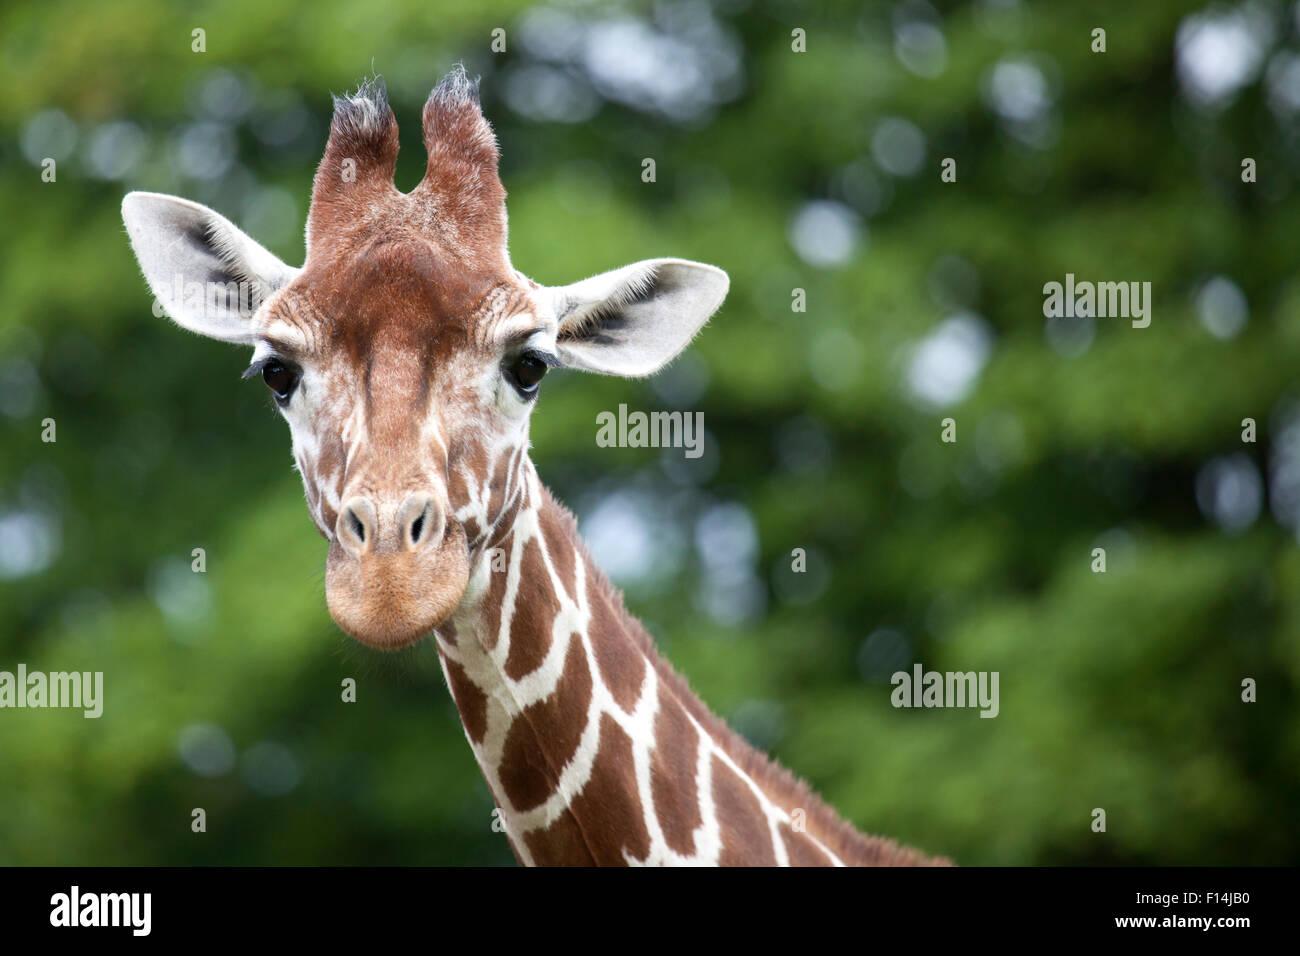 Giraffa reticolata testa con spazio sulla destra per il testo Immagini Stock